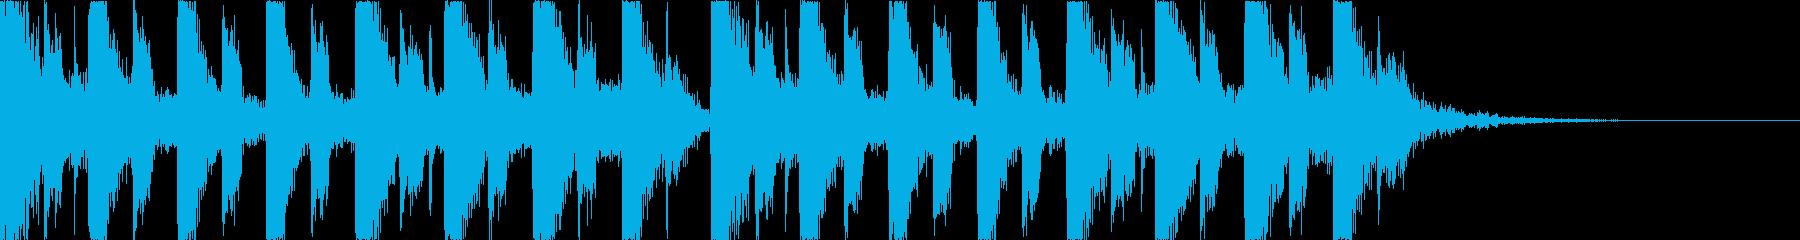 キャッチーで深みのあるEDM3の再生済みの波形